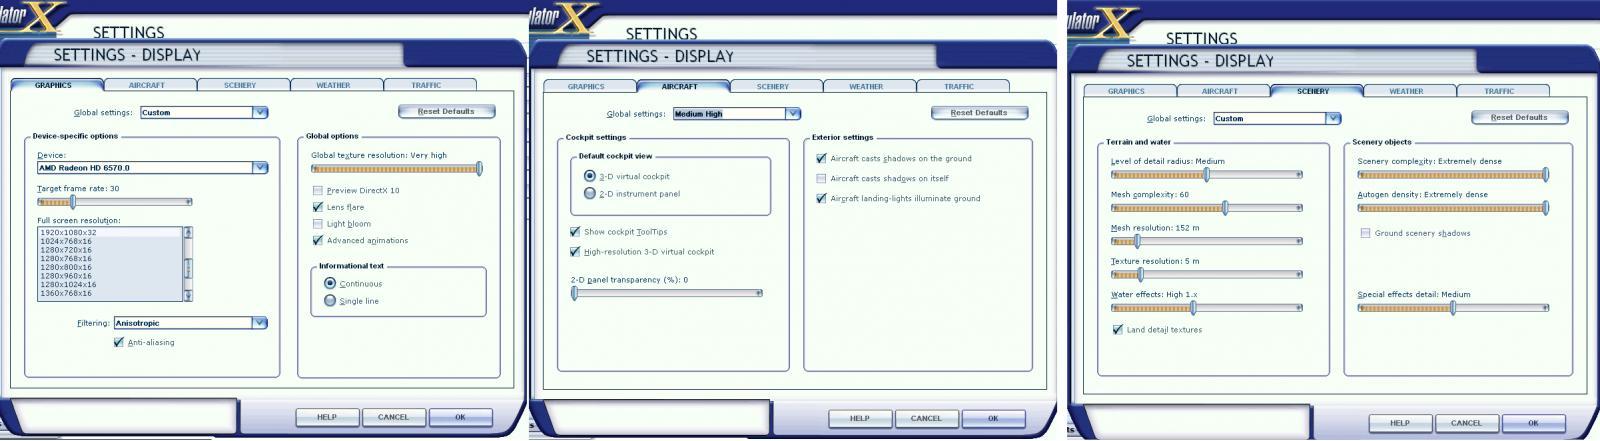 İsim:  setting.jpg Görüntüleme: 461 Büyüklük:  110.0 KB (Kilobyte)